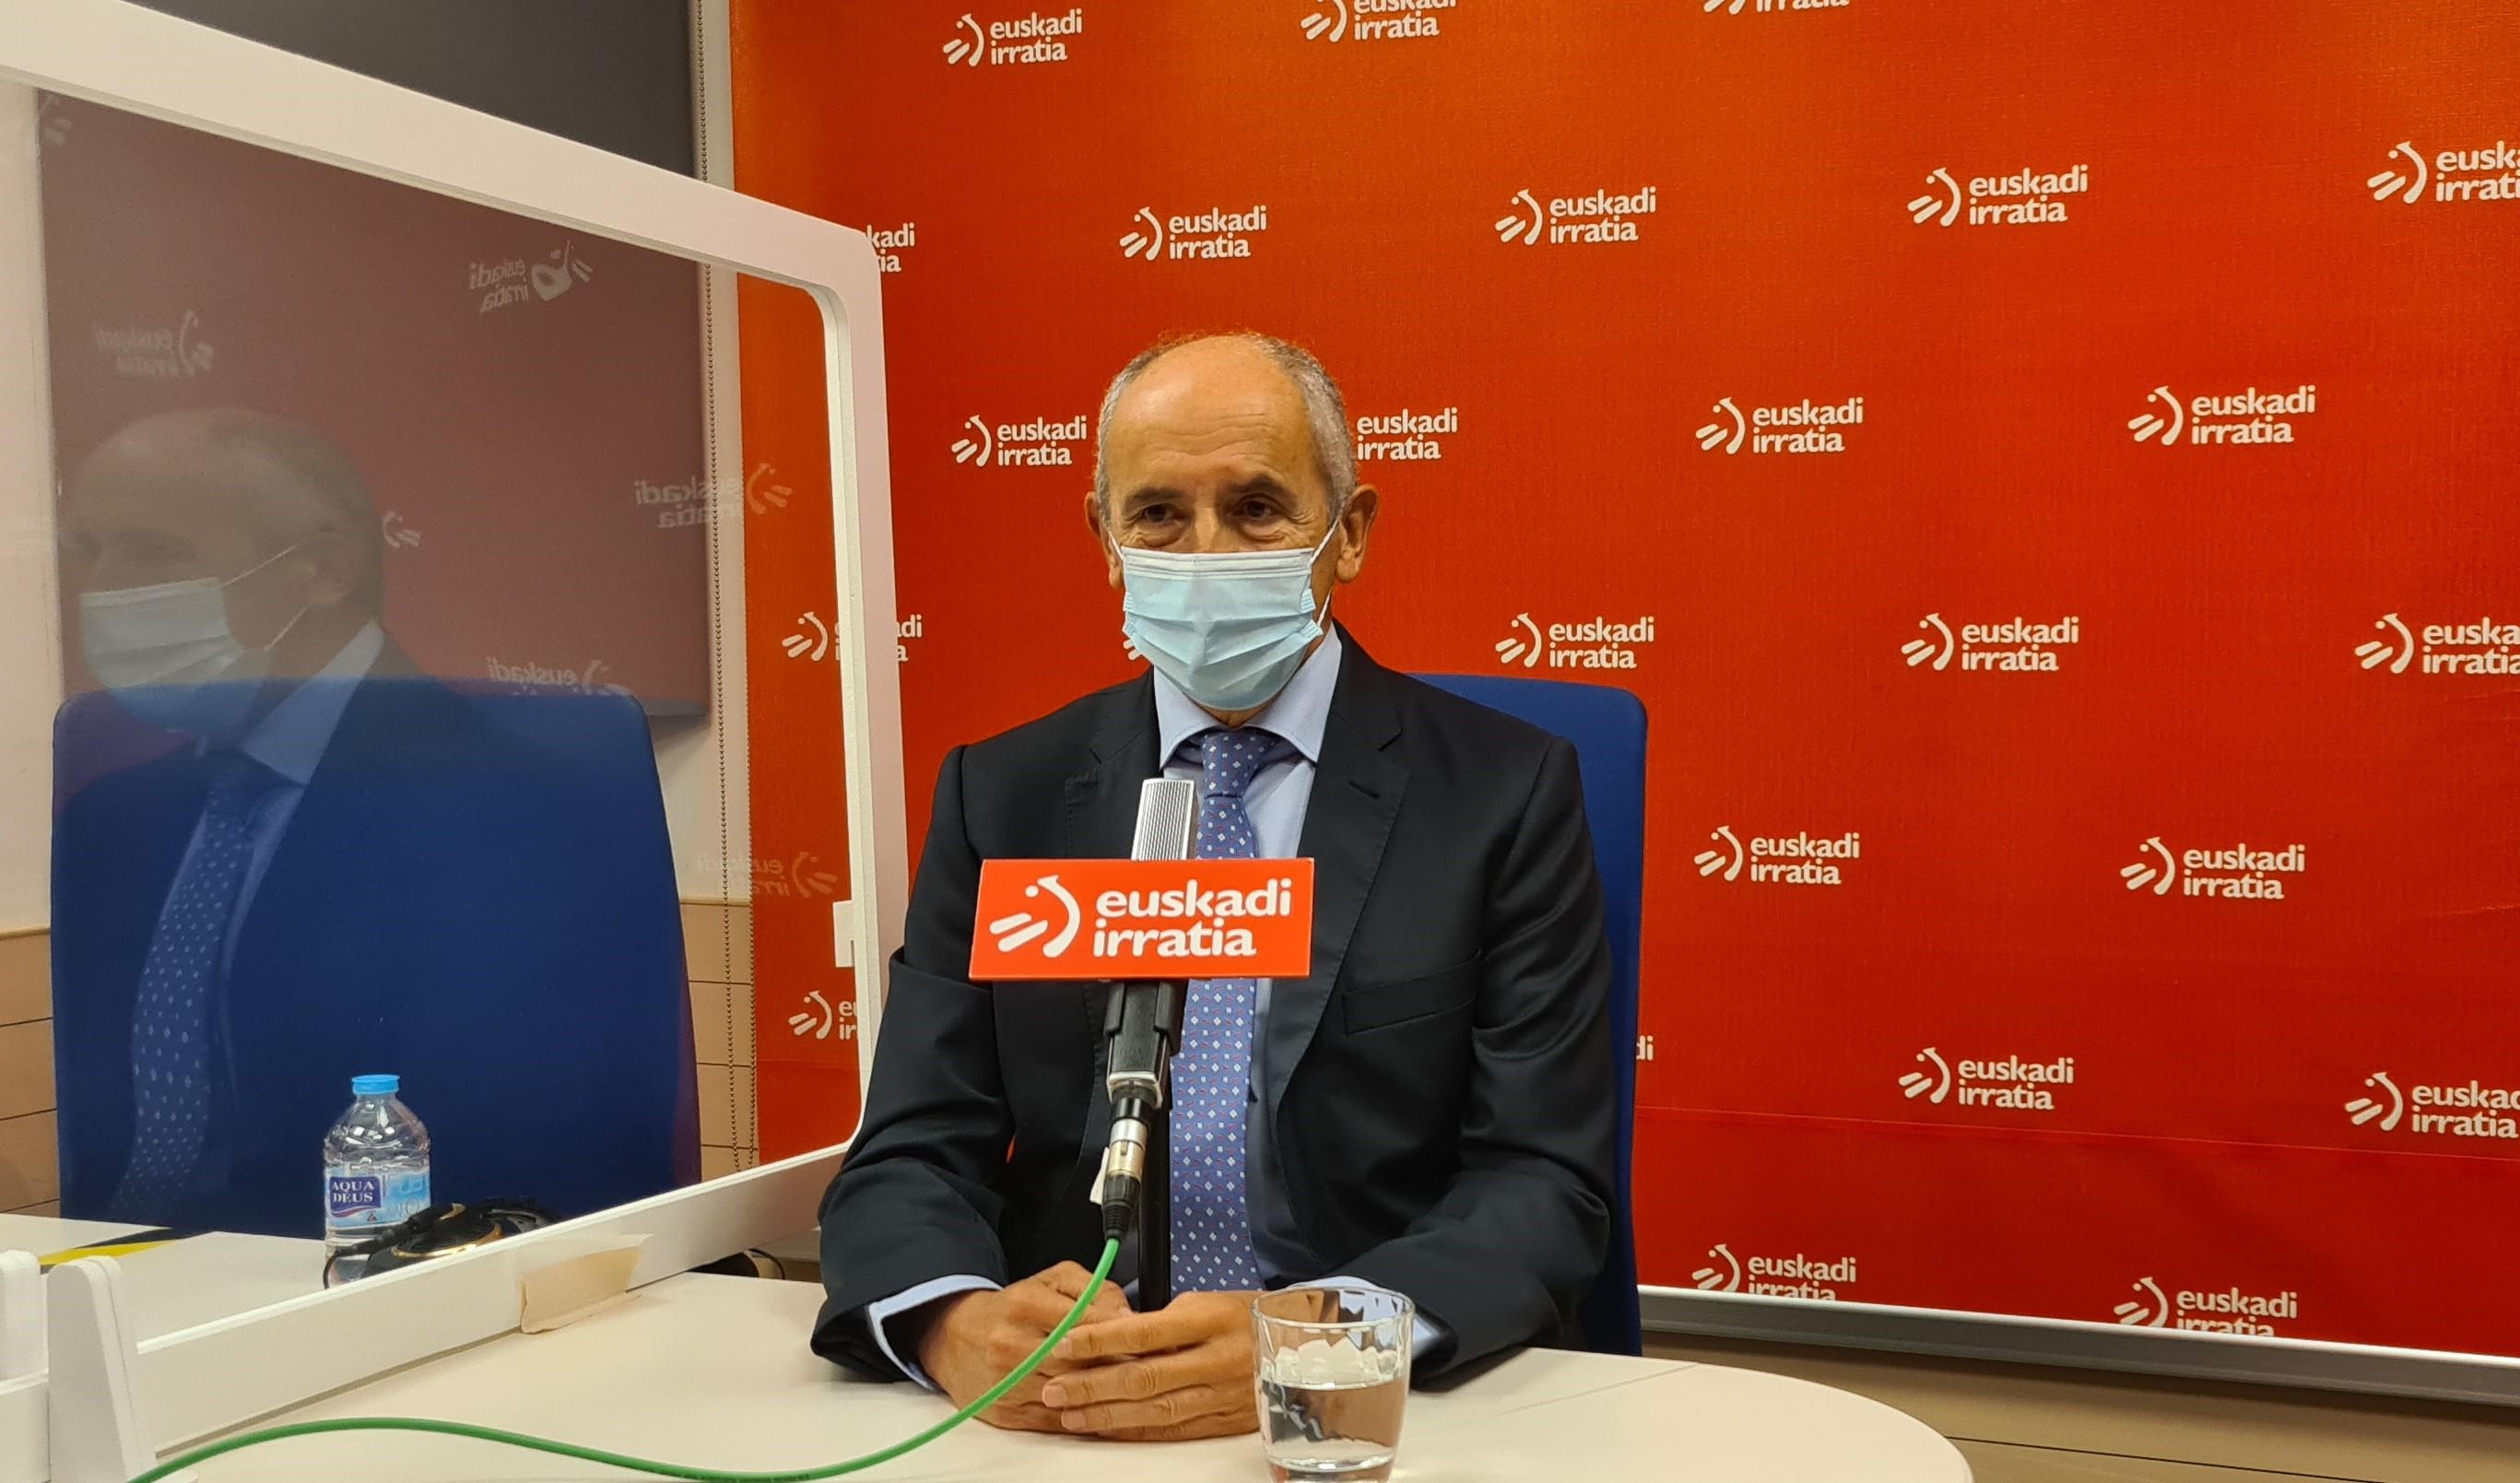 """Josu Erkoreka: """"Esperemos que el futuro de Cataluña venga por la vía del diálogo y que la detención no sea un obstáculo"""" [24:14]"""